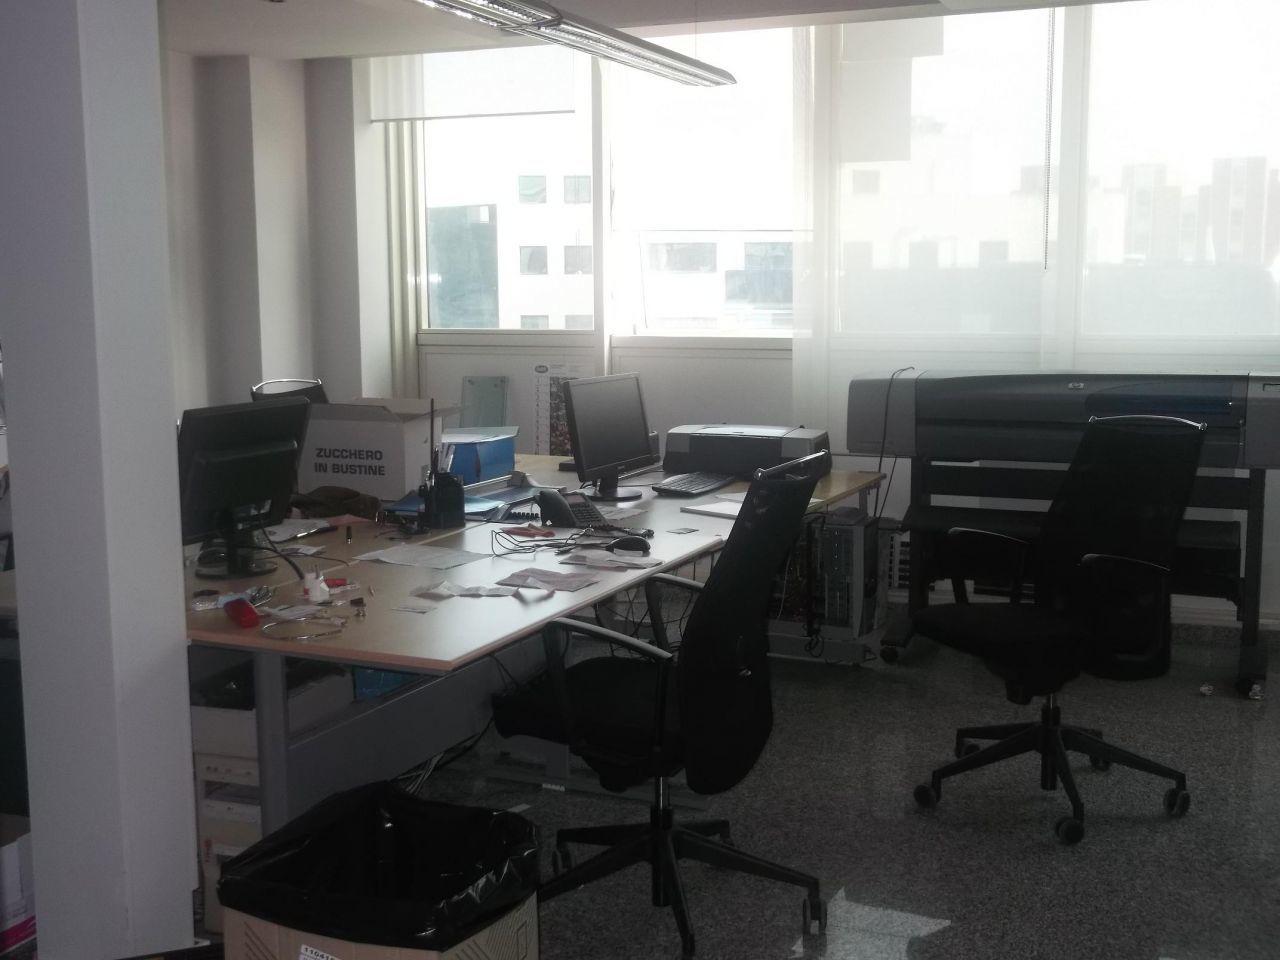 Ufficio - Attività commerciale e uffici a Ascoli Piceno